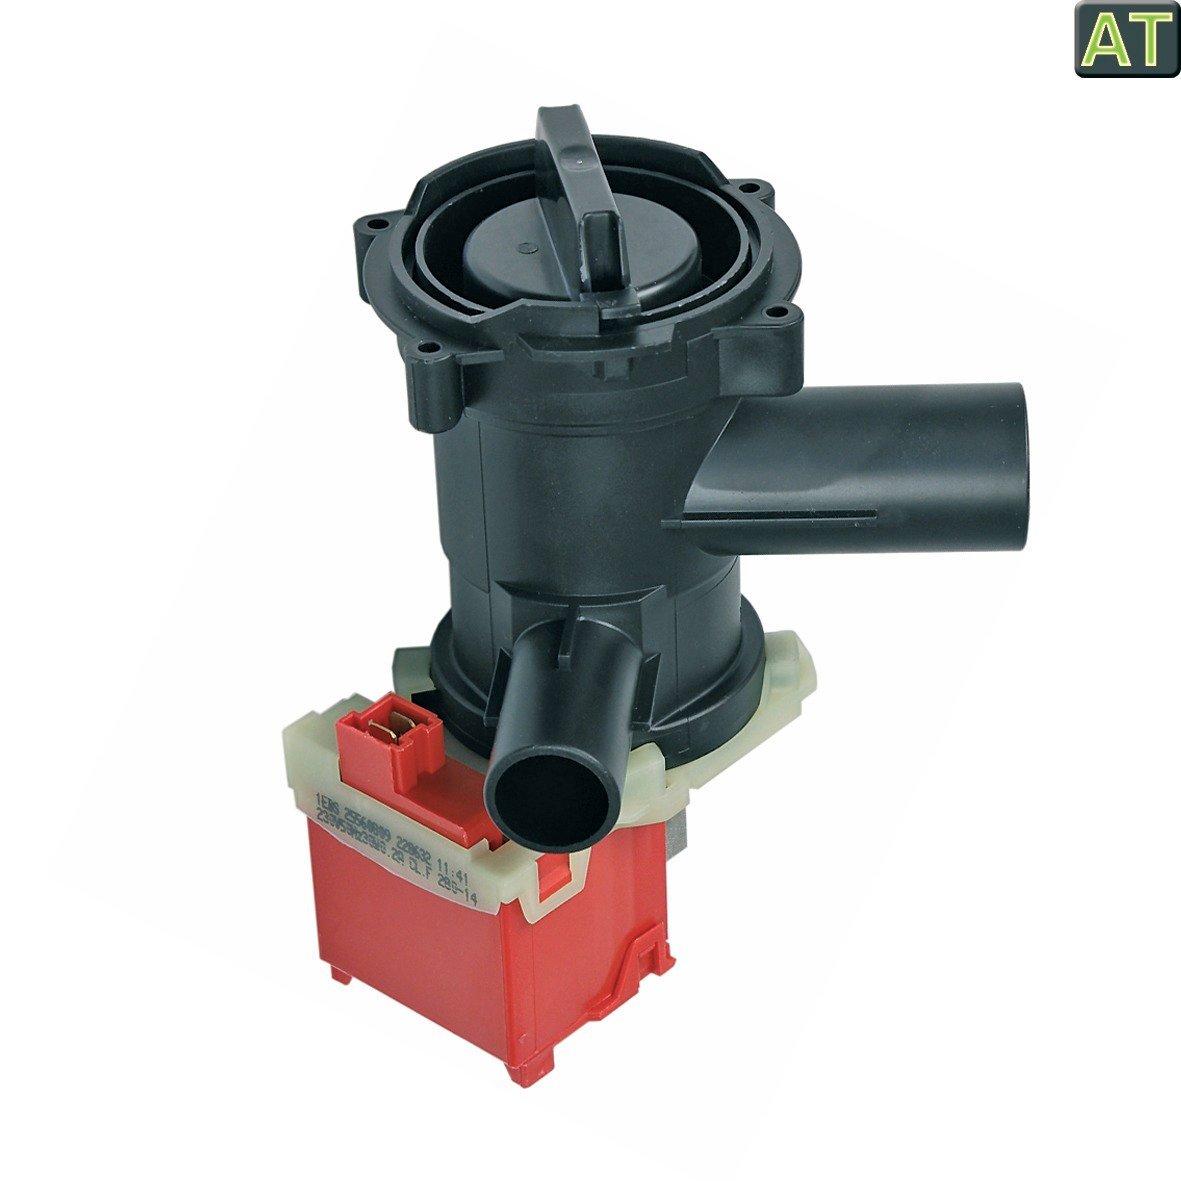 Bomba Bomba Bomba de aguas residuales como lavadora compatible con ...